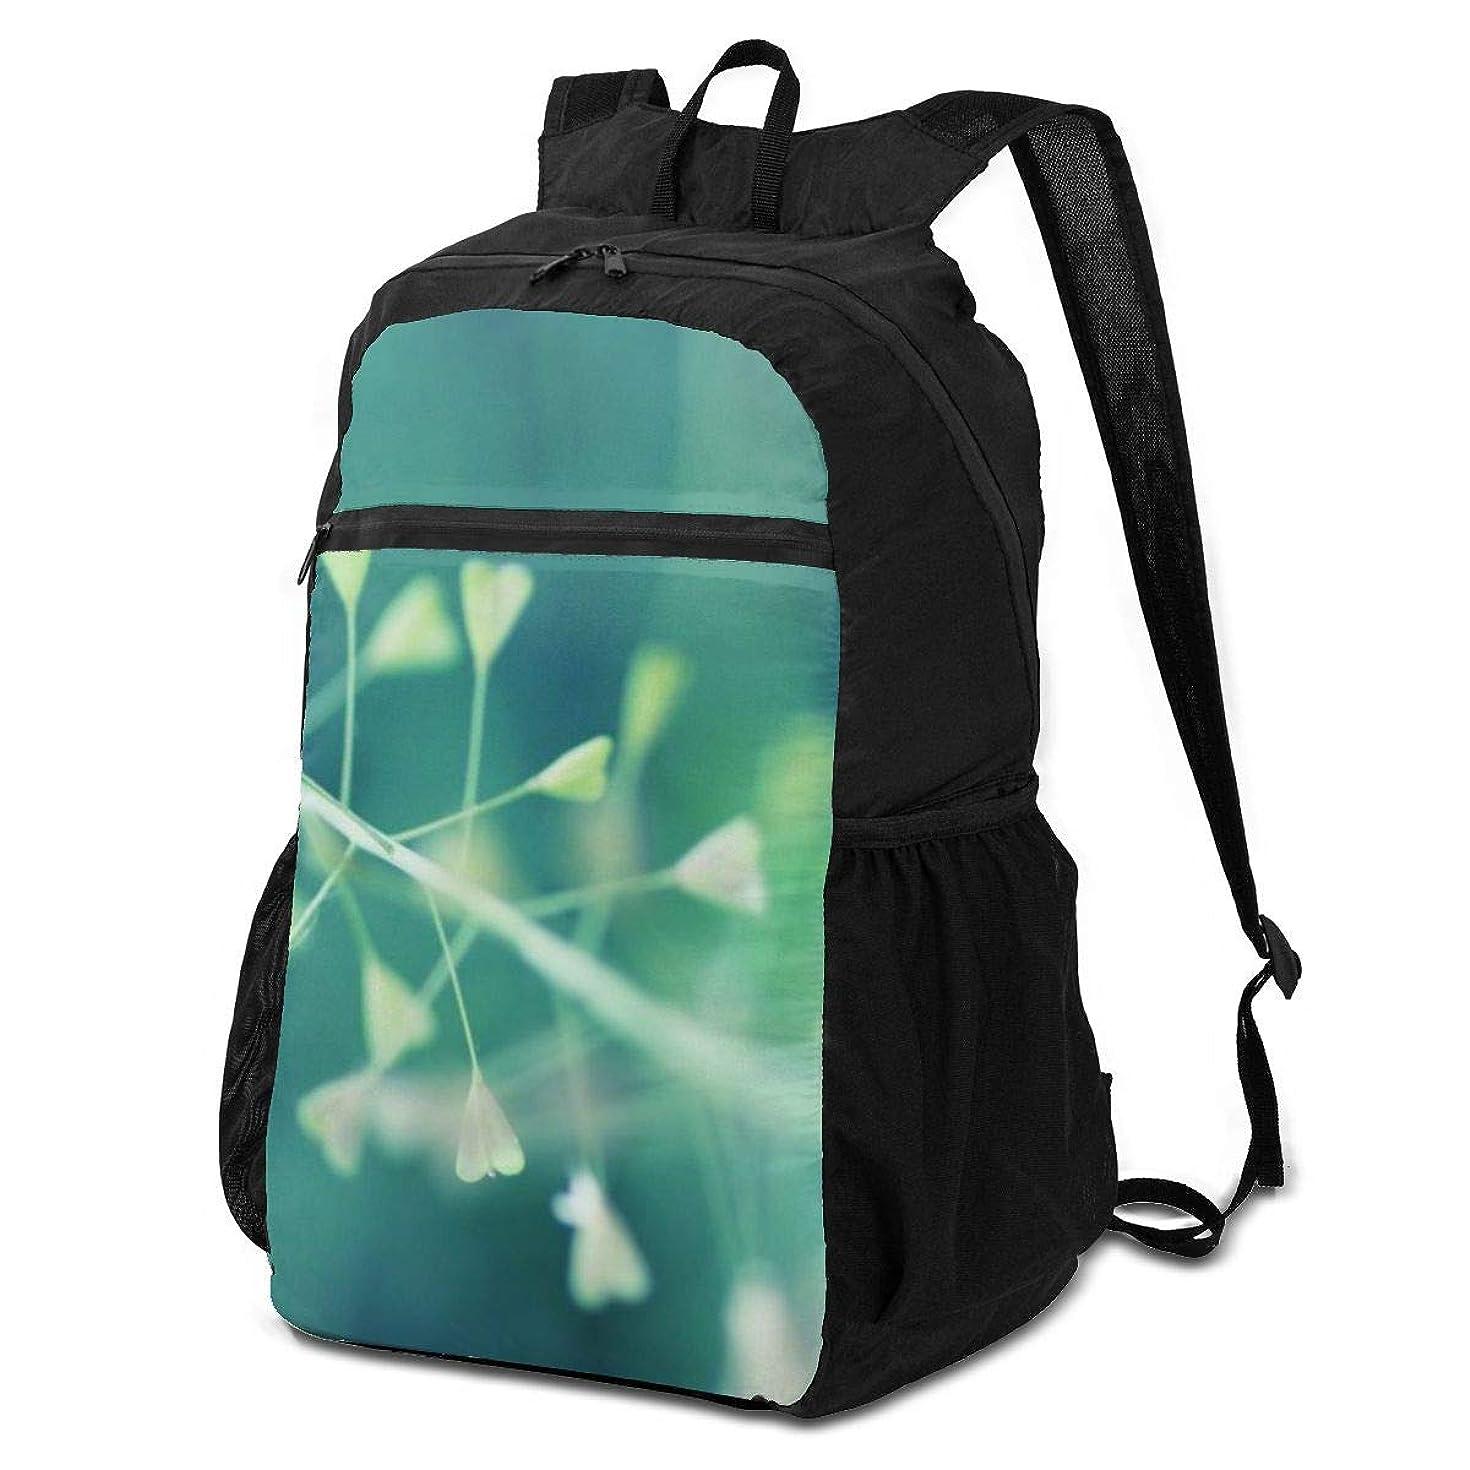 文字ピクニック機密登山リュック ザック シンプルな色 バックパック 軽量 防水 通勤 小型旅行 折りたたみ式キャンプ アウトドアバッグ